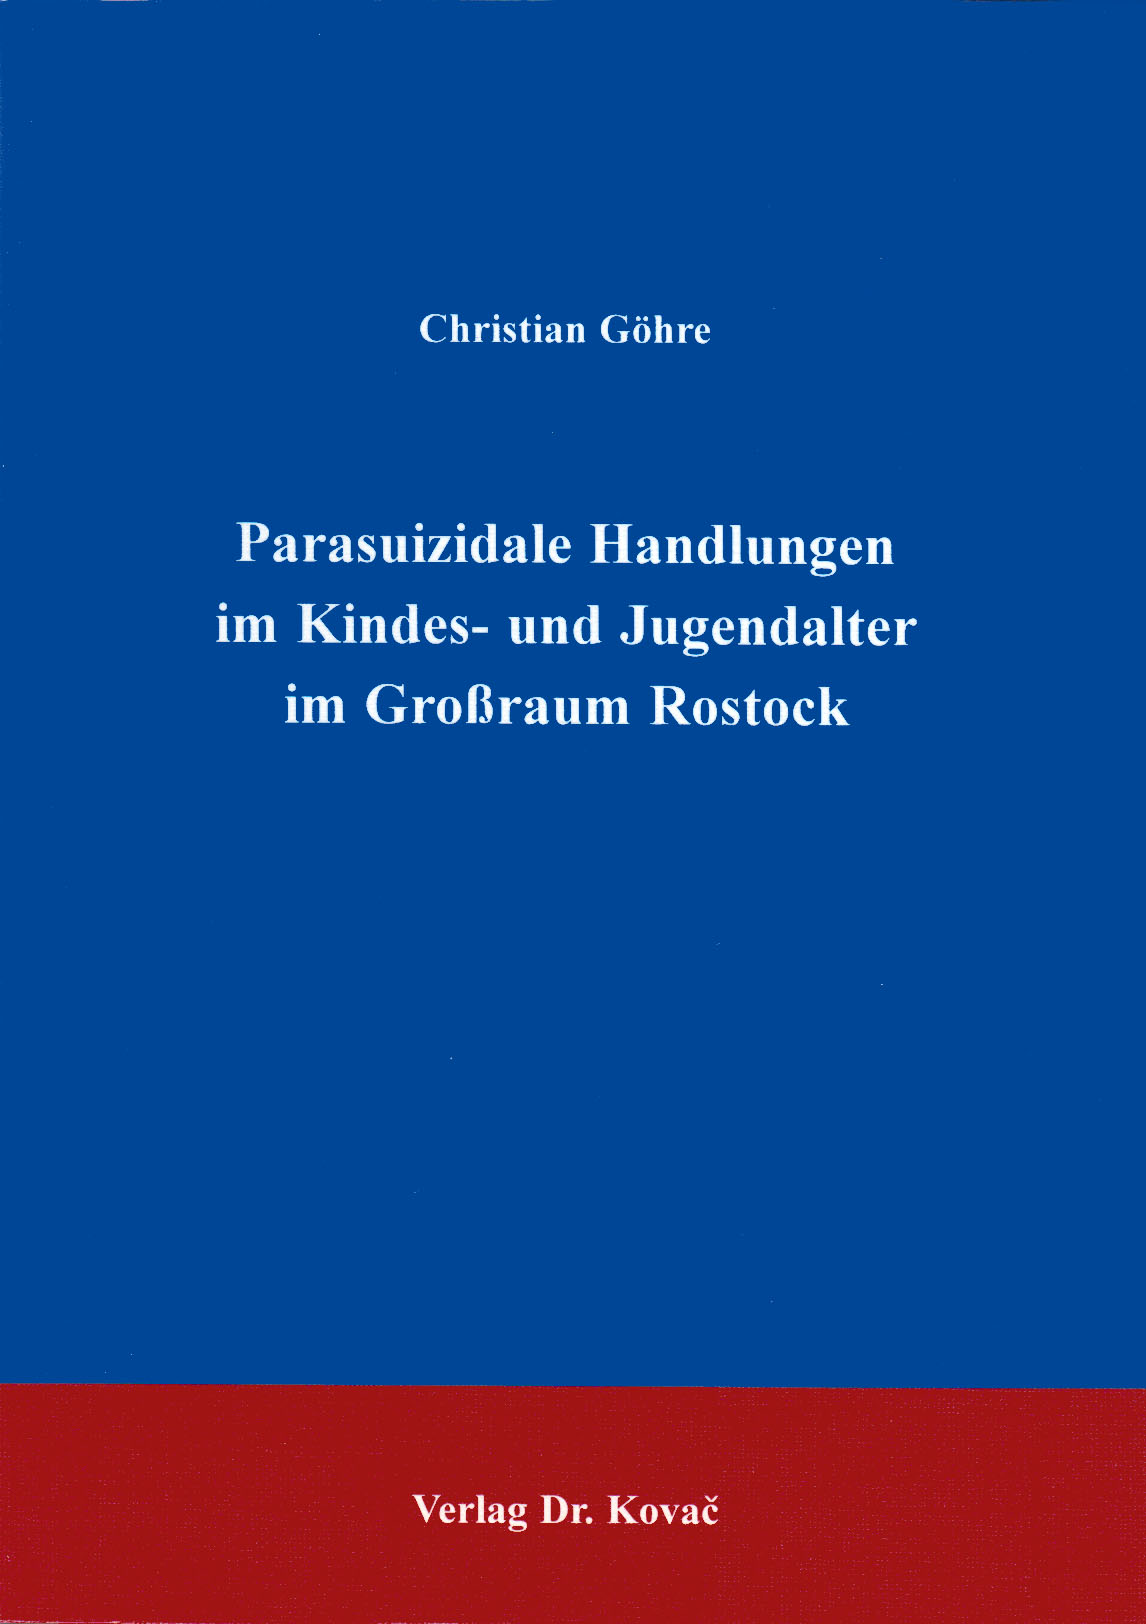 Cover: Parasuizidale Handlungen im Kindes- und Jugendalter im Großraum Rostock